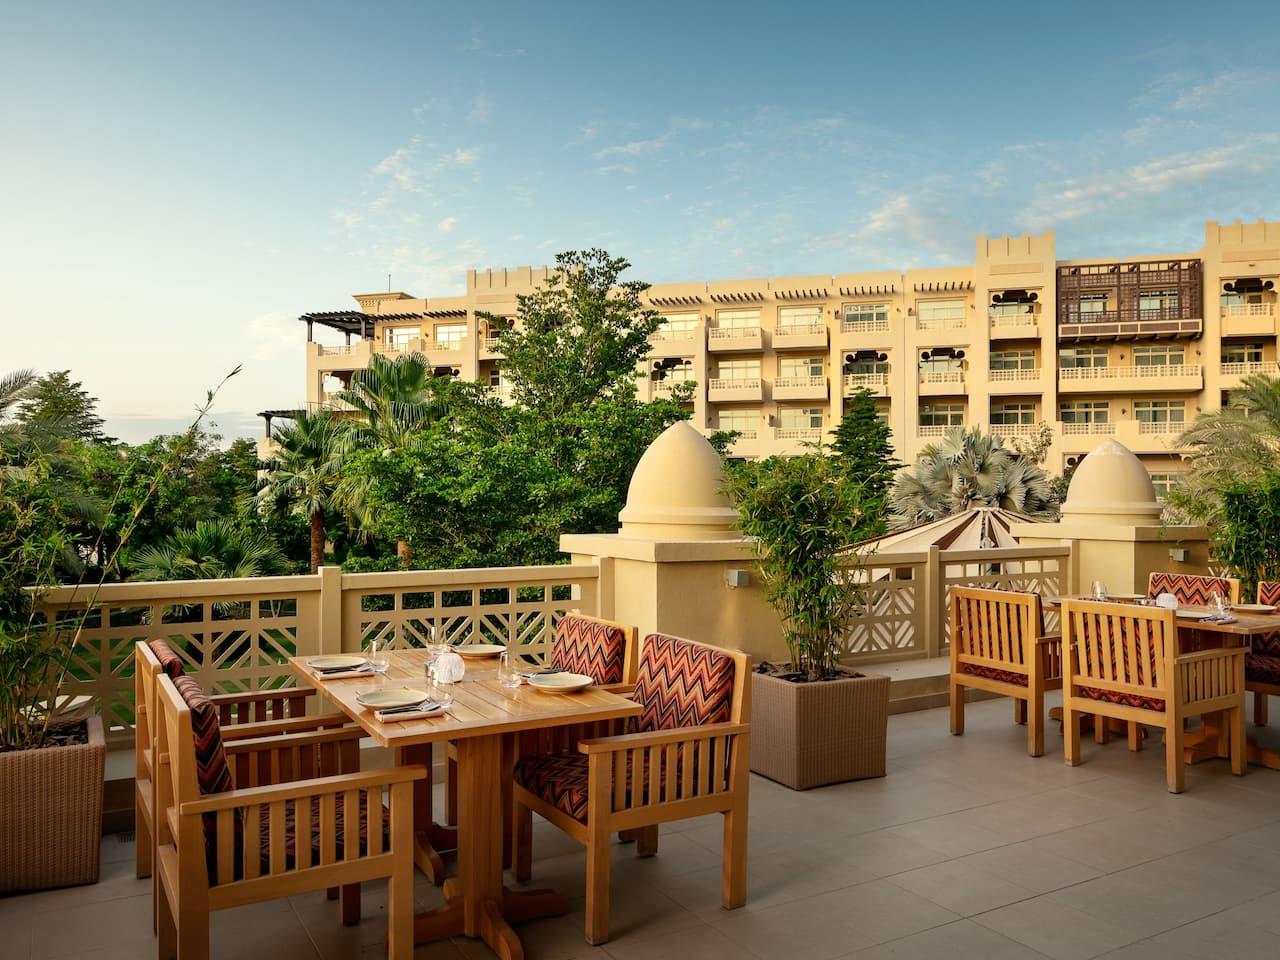 Thai Restaurant in 5 Star Hotel | Grand Hyatt Doha Hotel & Villas